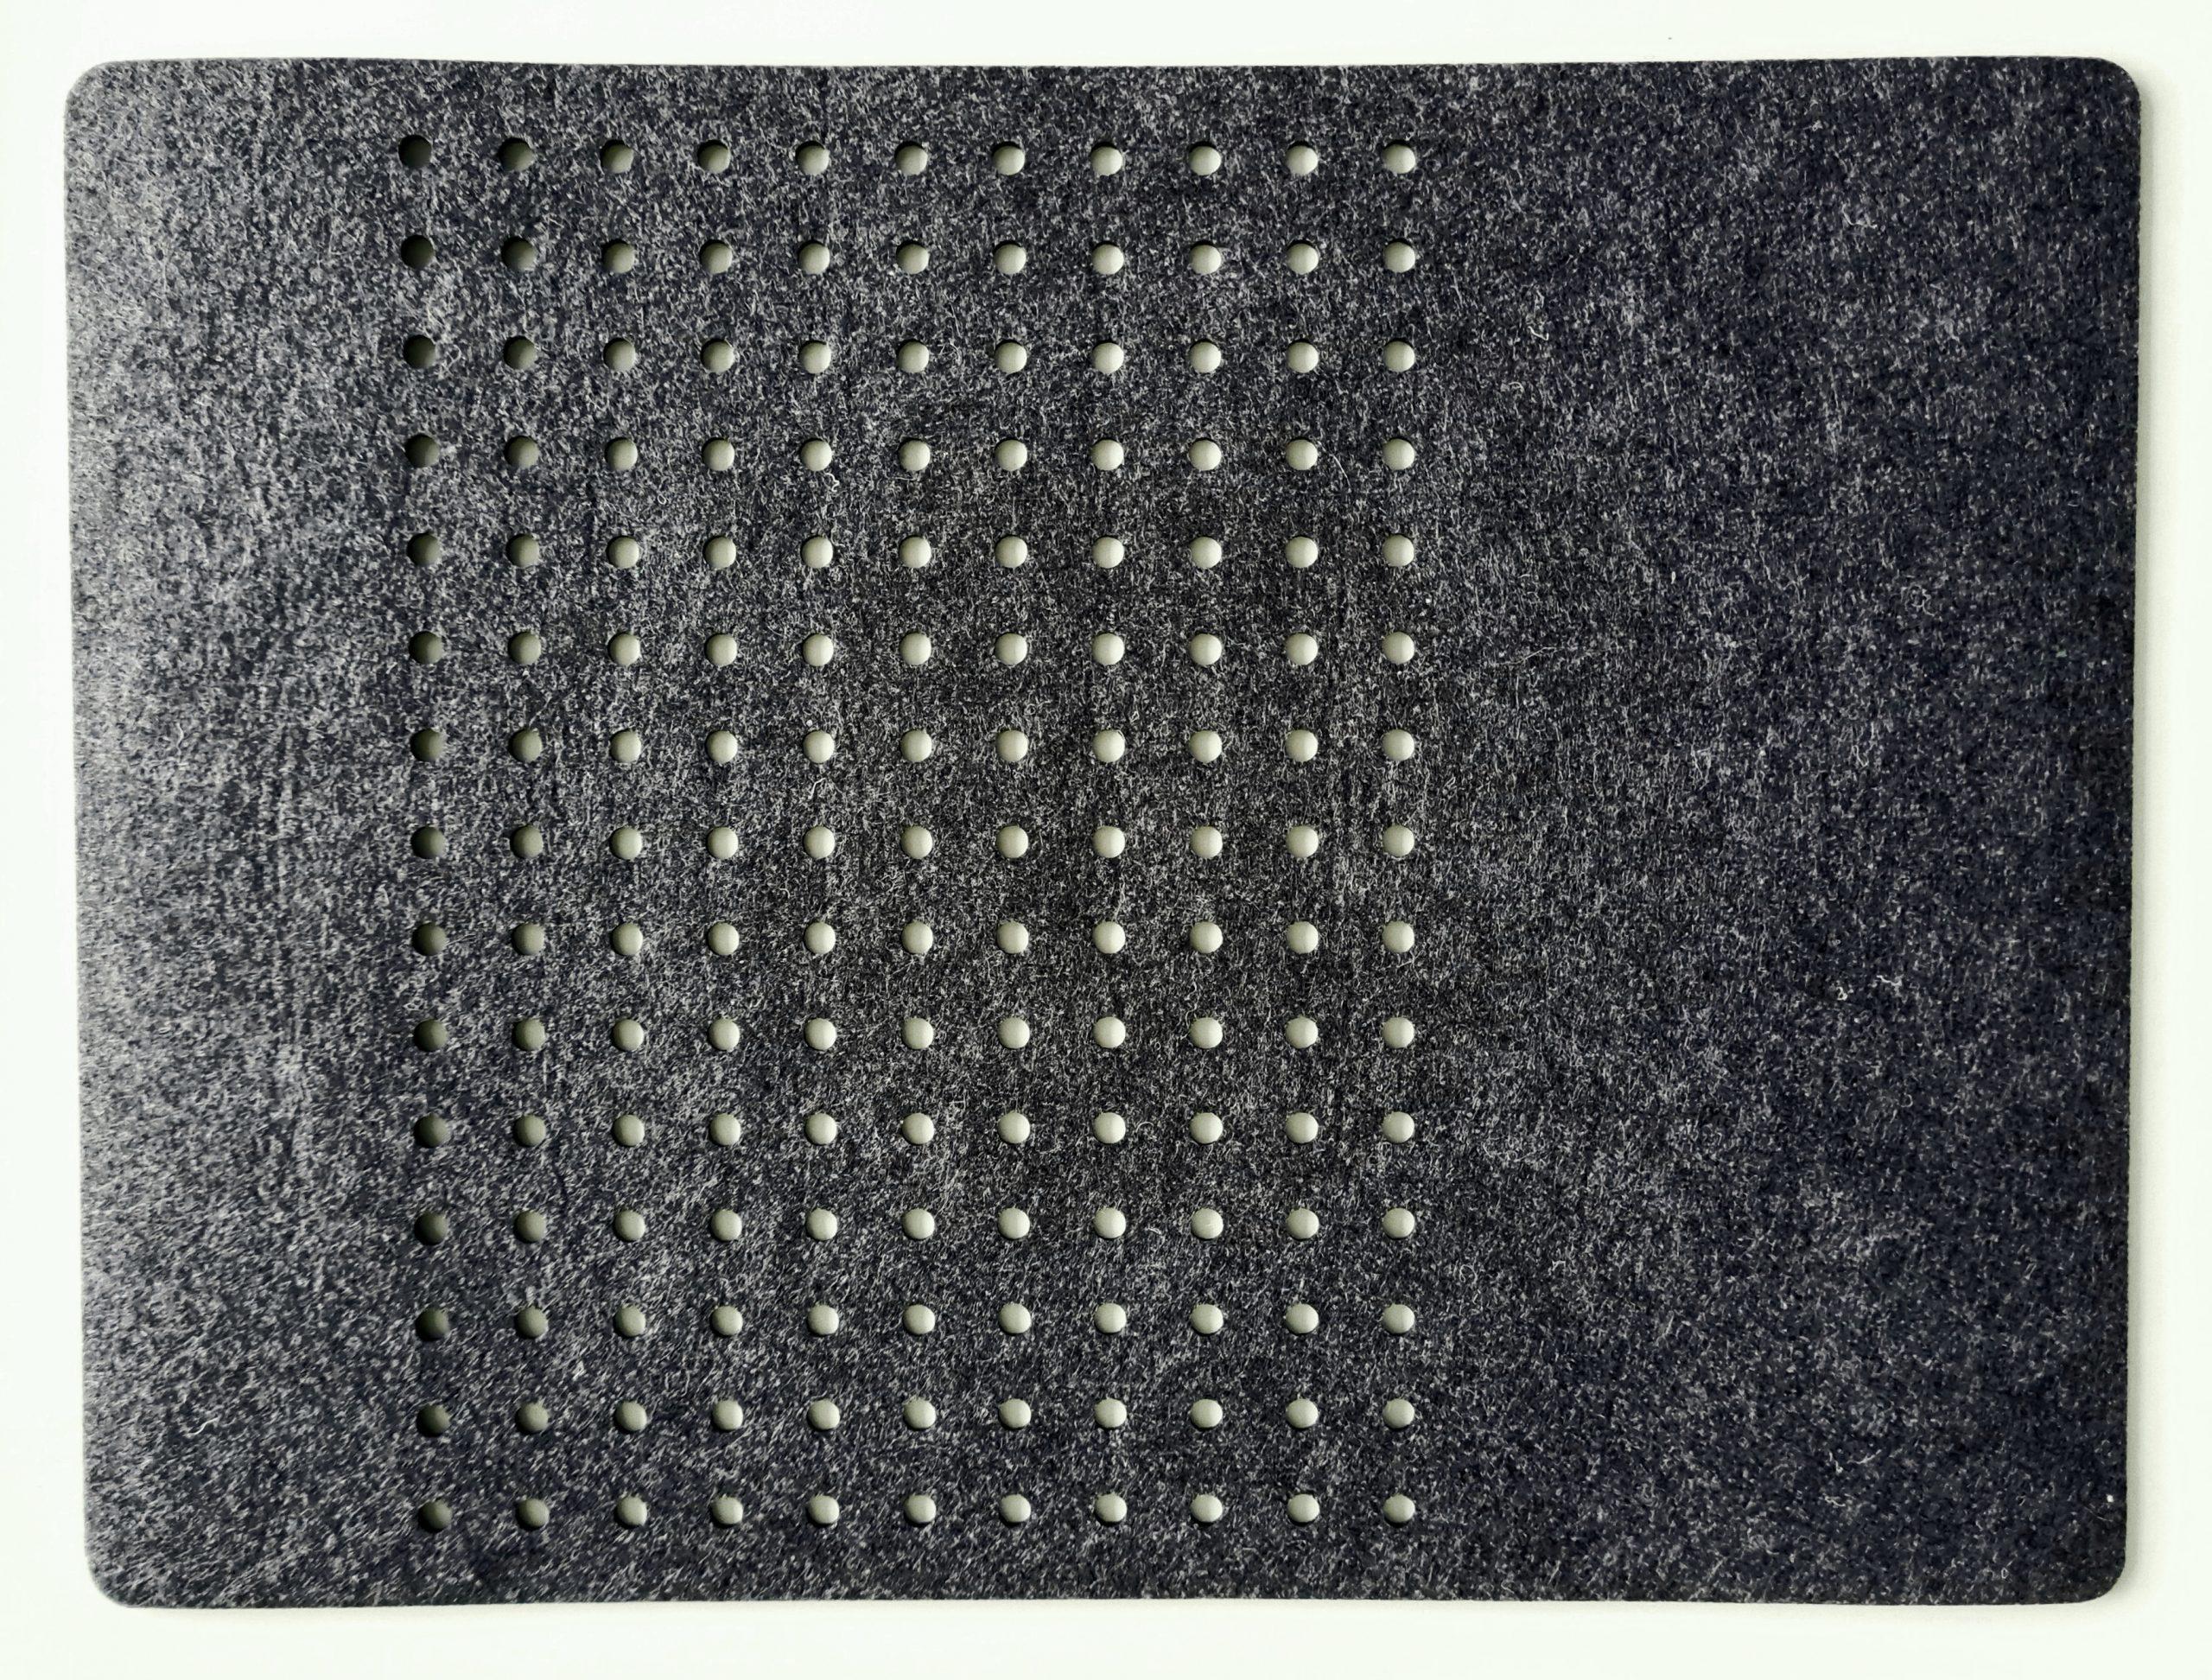 Schwarzer Filz-Untersetzter mit Löcherreihe - Handgemachte individualisierbare Taschen, Körbe, Tischsets, Dekoartikel und mehr auf fideko.de der Onlineshop seit 2011